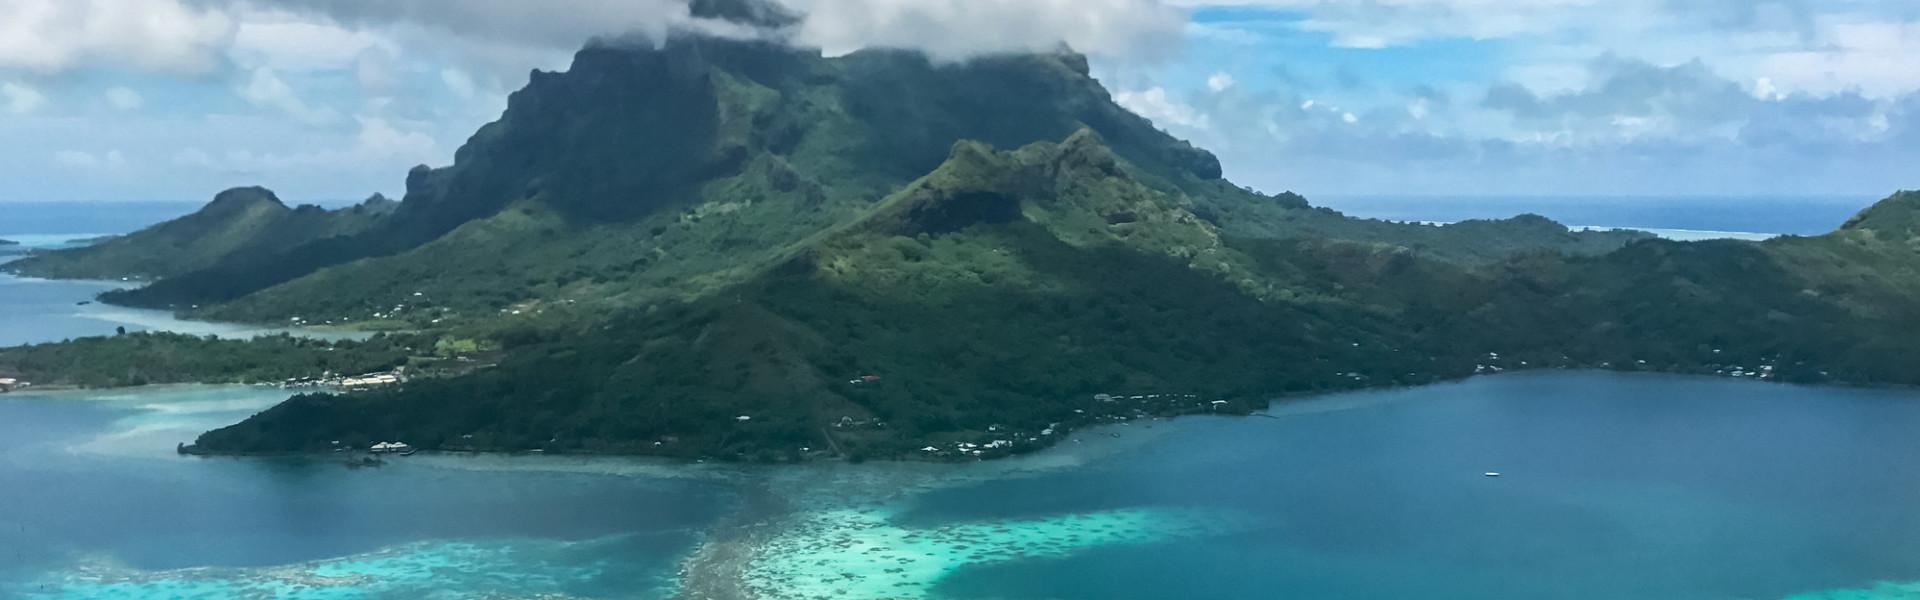 Destination image of Îles polynésiennes